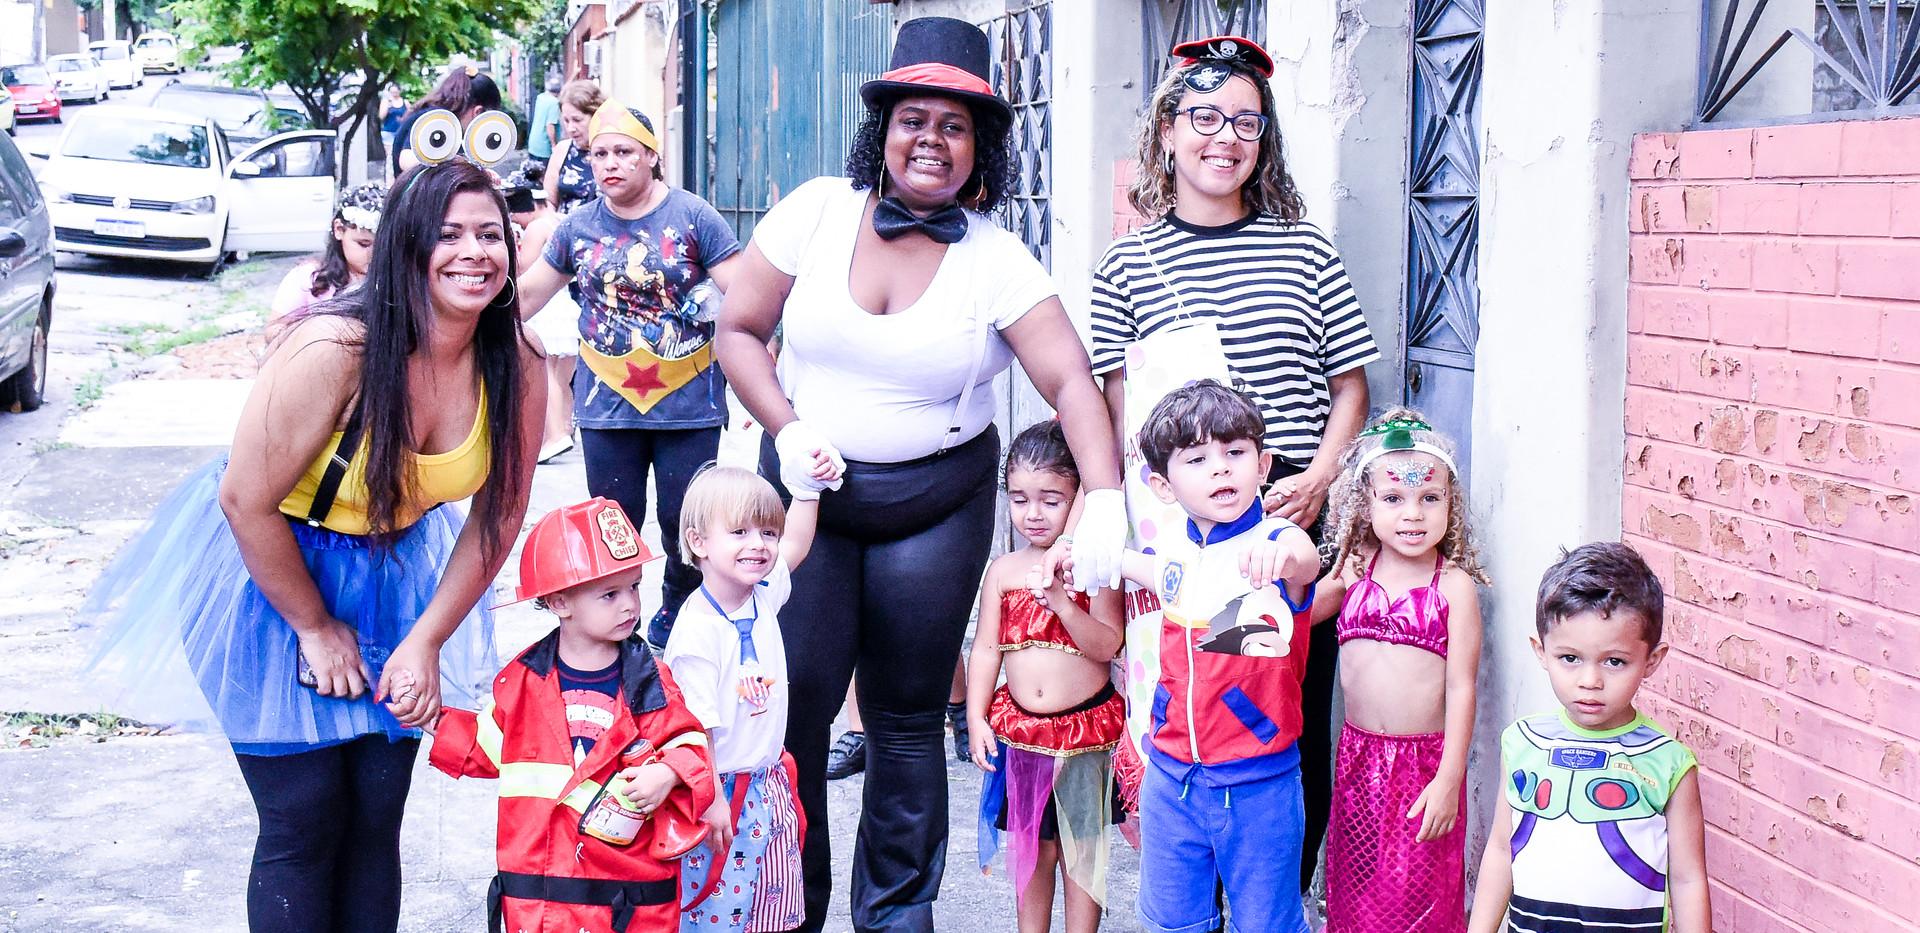 13 carnaval 2020 vila